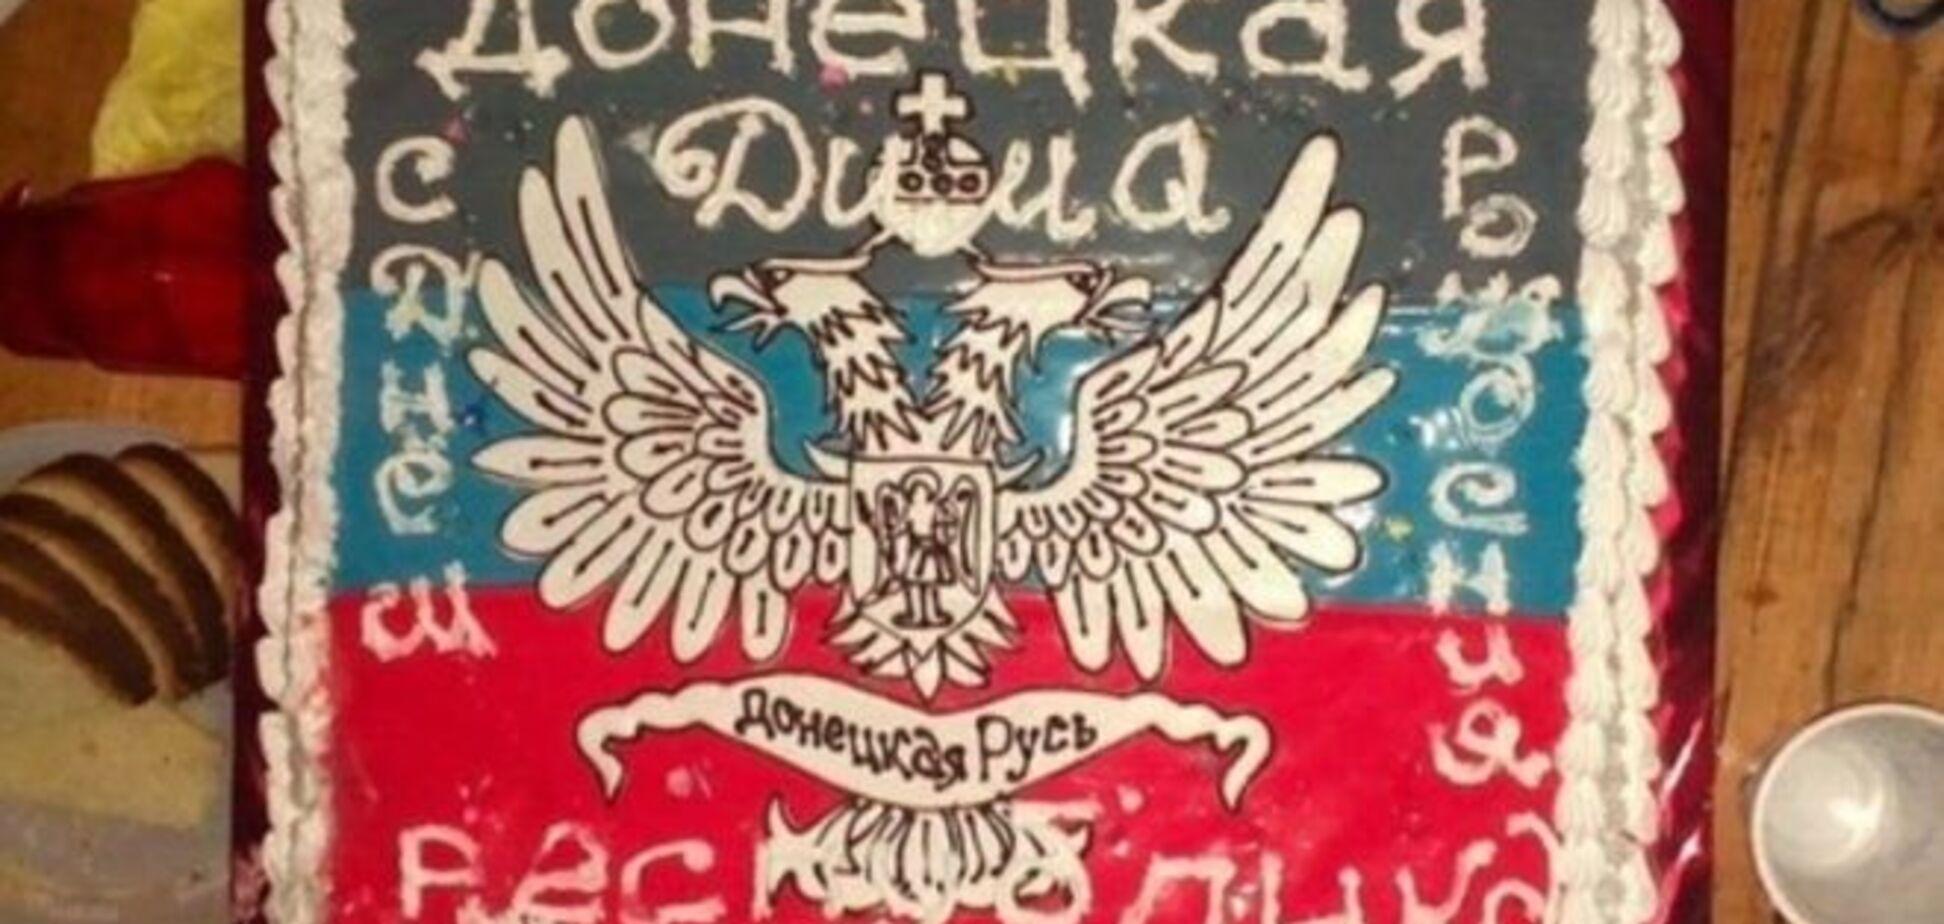 Батюшки гульнули з шиком: зброя, герб 'ДНР' і жриці кохання